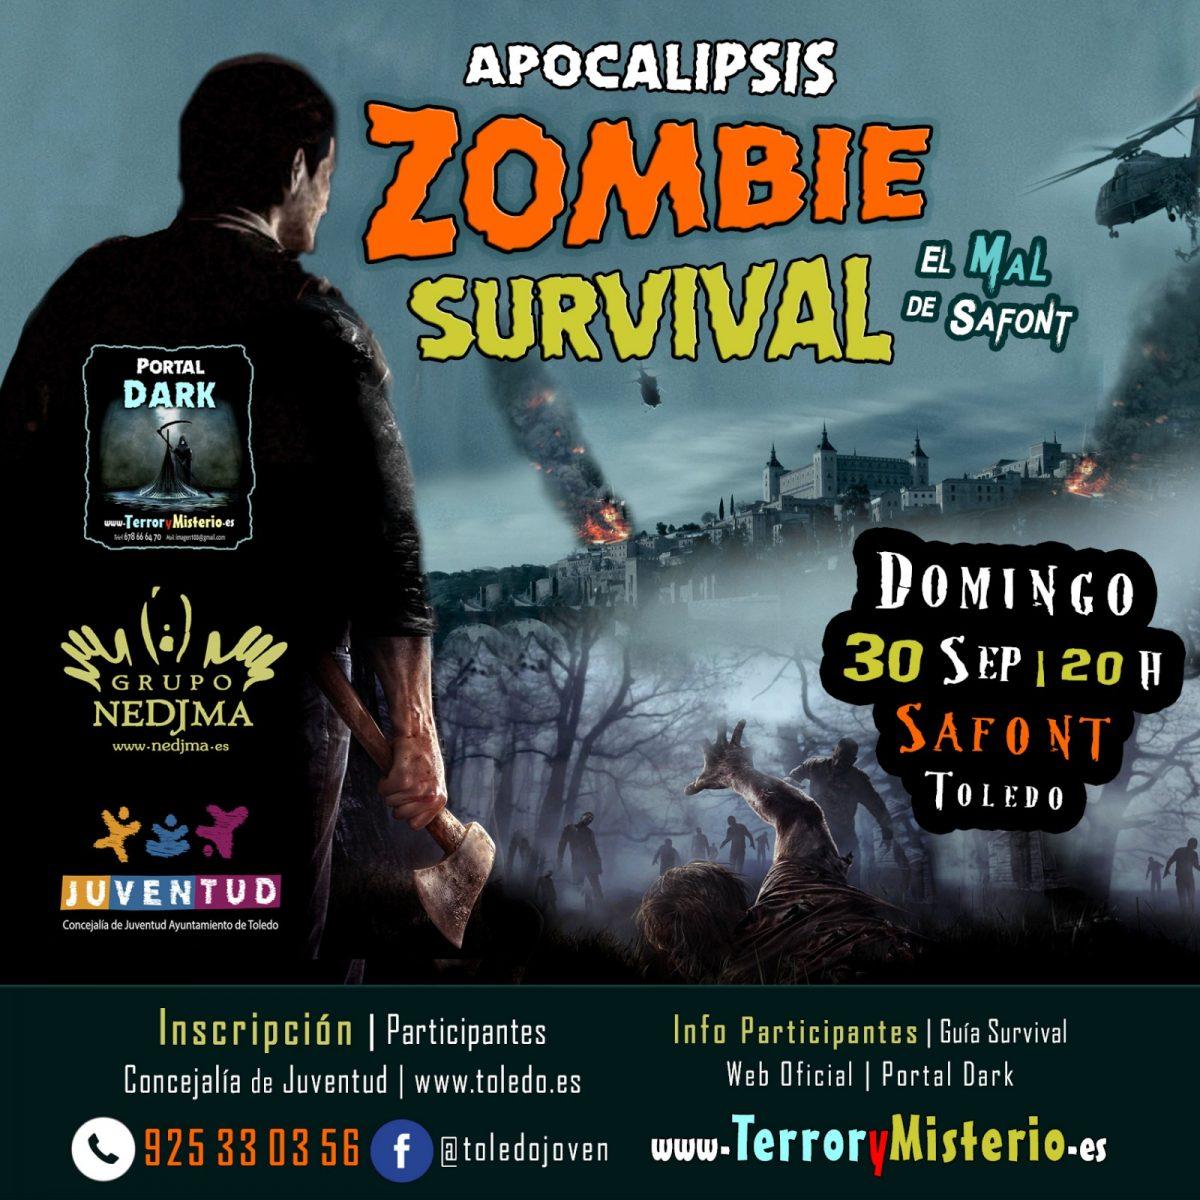 """https://www.toledo.es/wp-content/uploads/2018/09/zombie-survival-toledo-2018-8-final-1200x1200.jpg. """"Apocalipsis Zombi Survival 2018"""""""